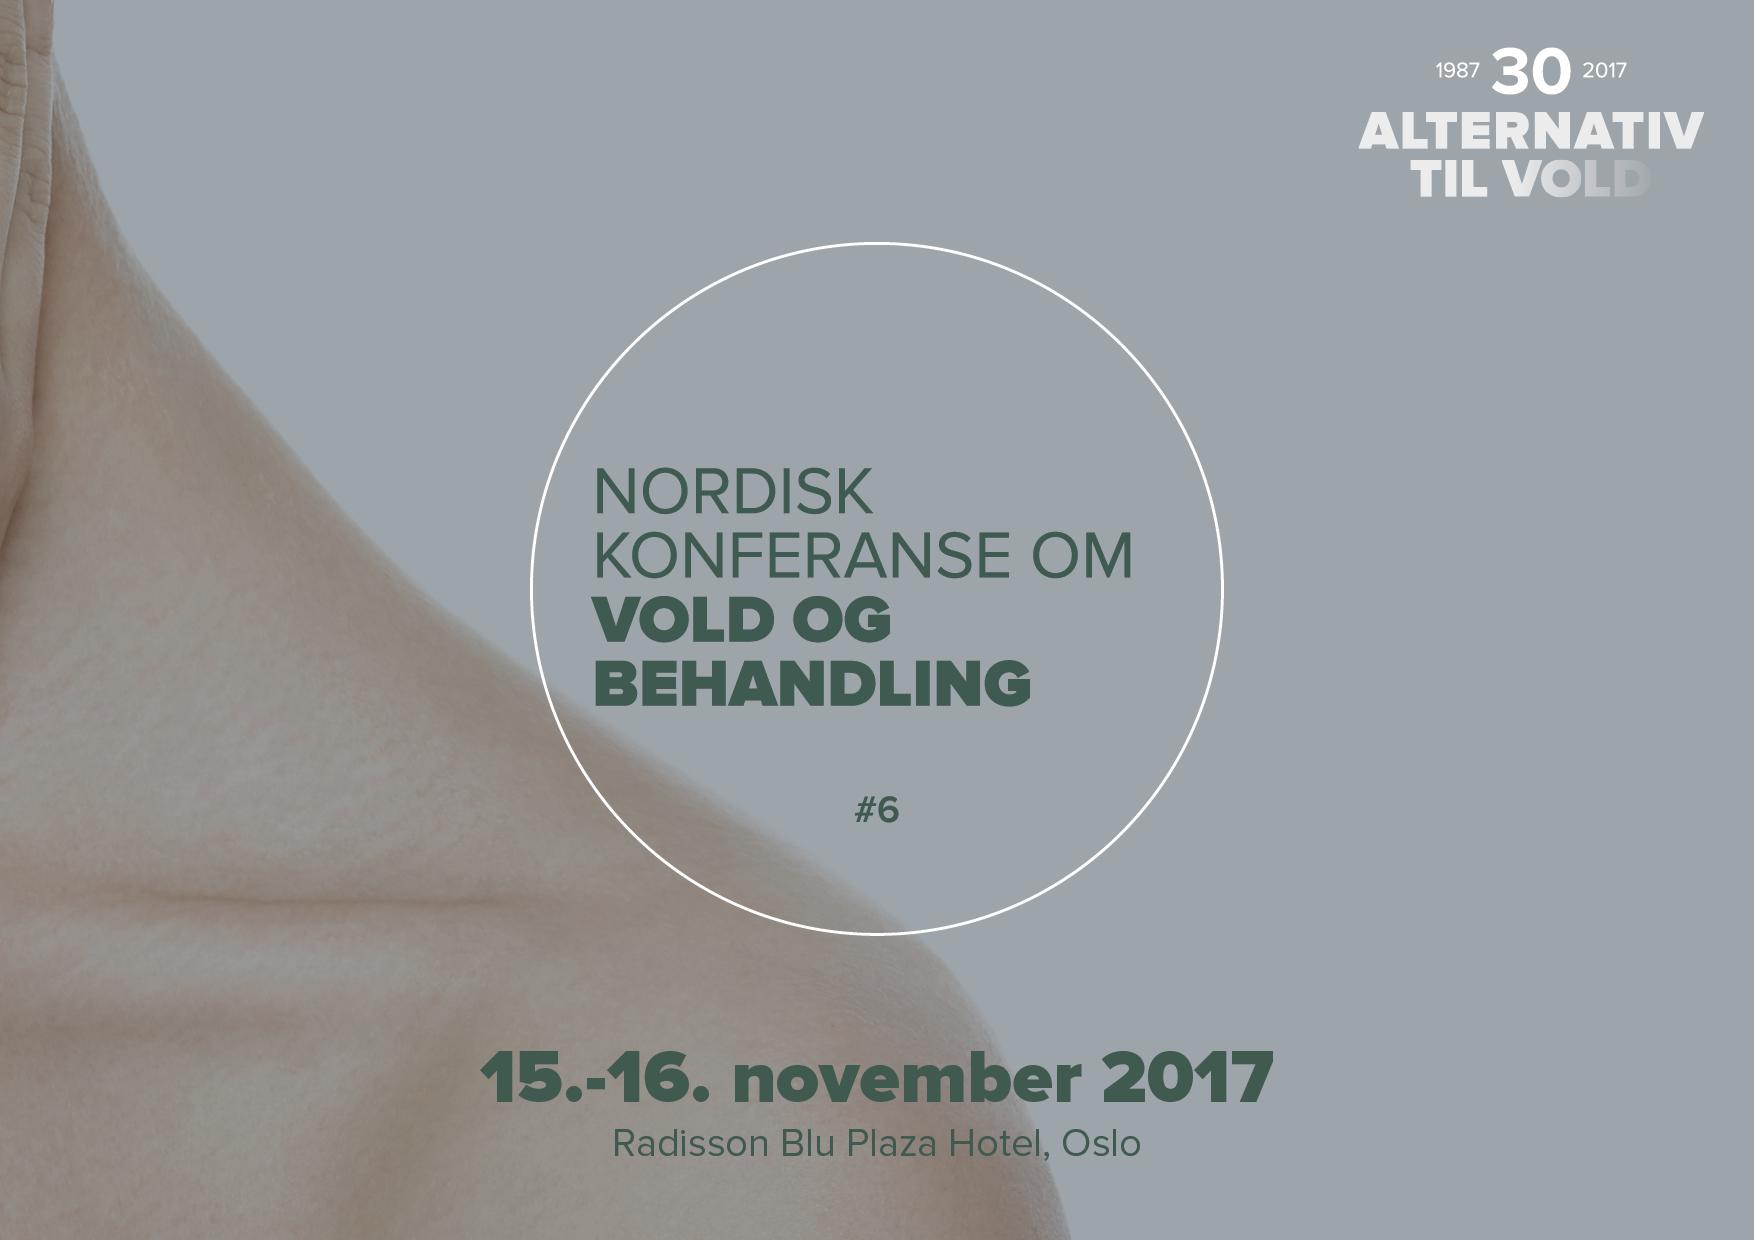 Påmelding til 6. nordiske konferanse om vold og behandling har åpnet